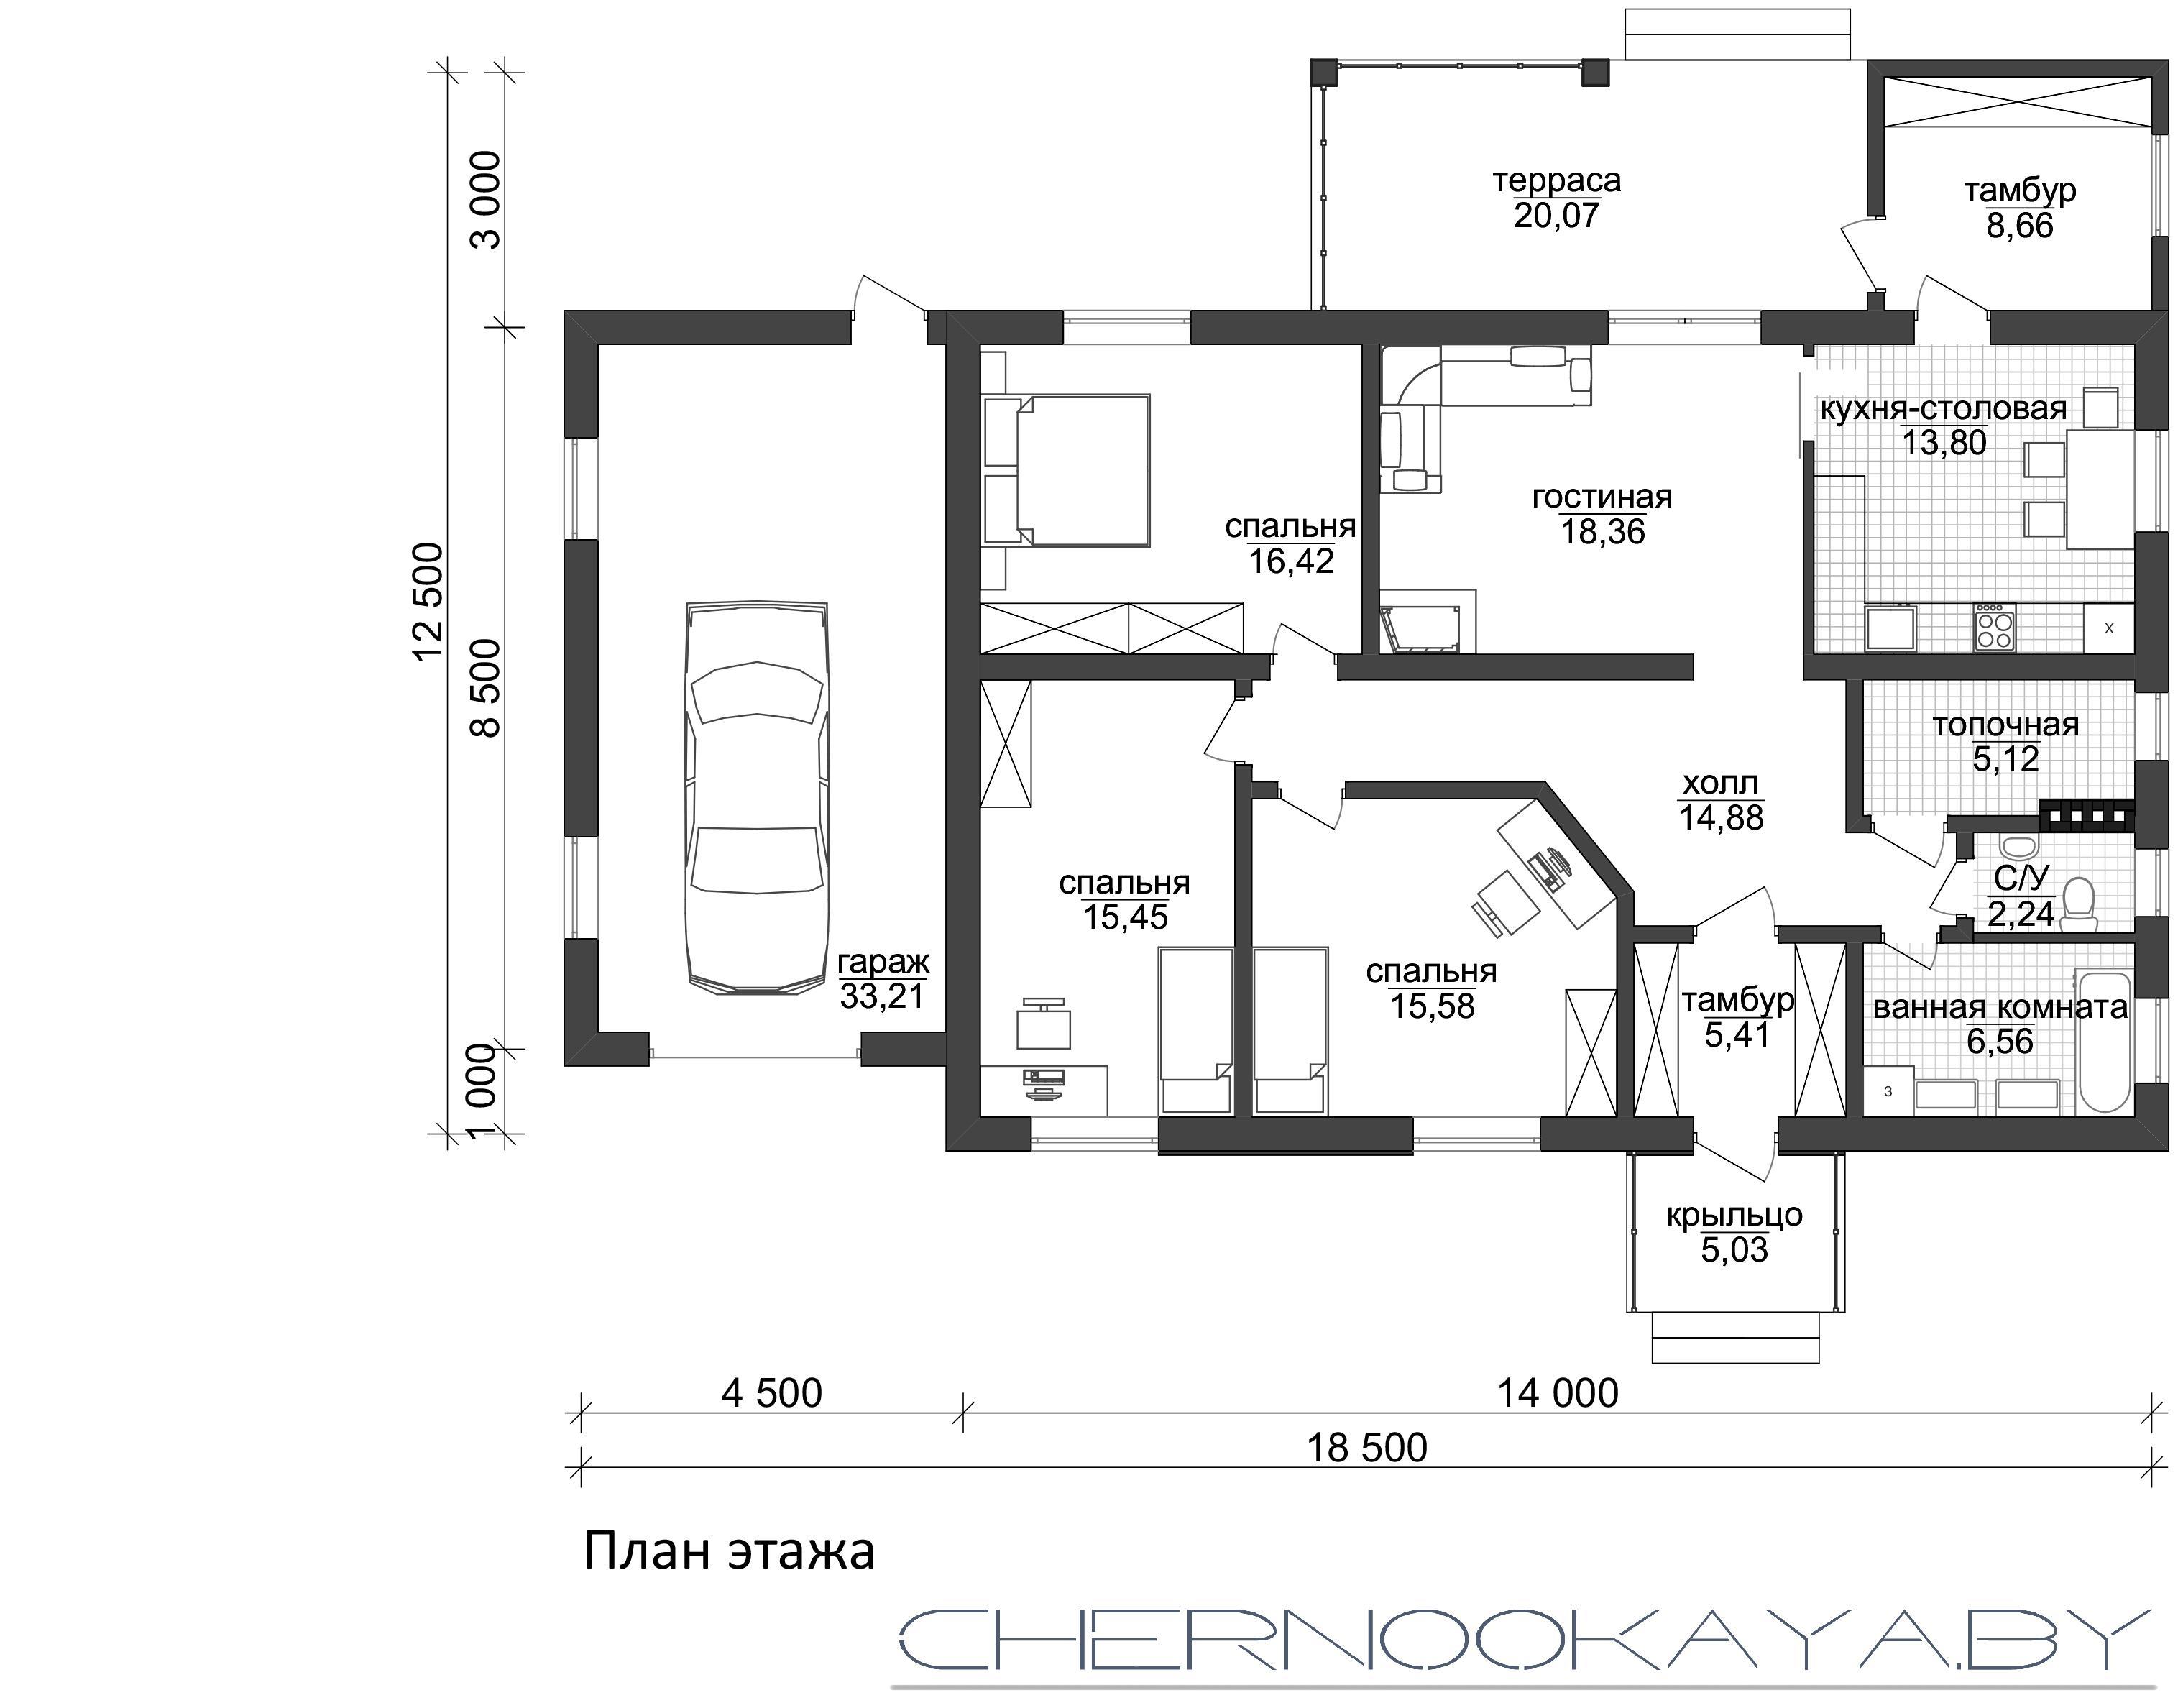 Проект одноэтажного жилого дома с гаражом 1581 план